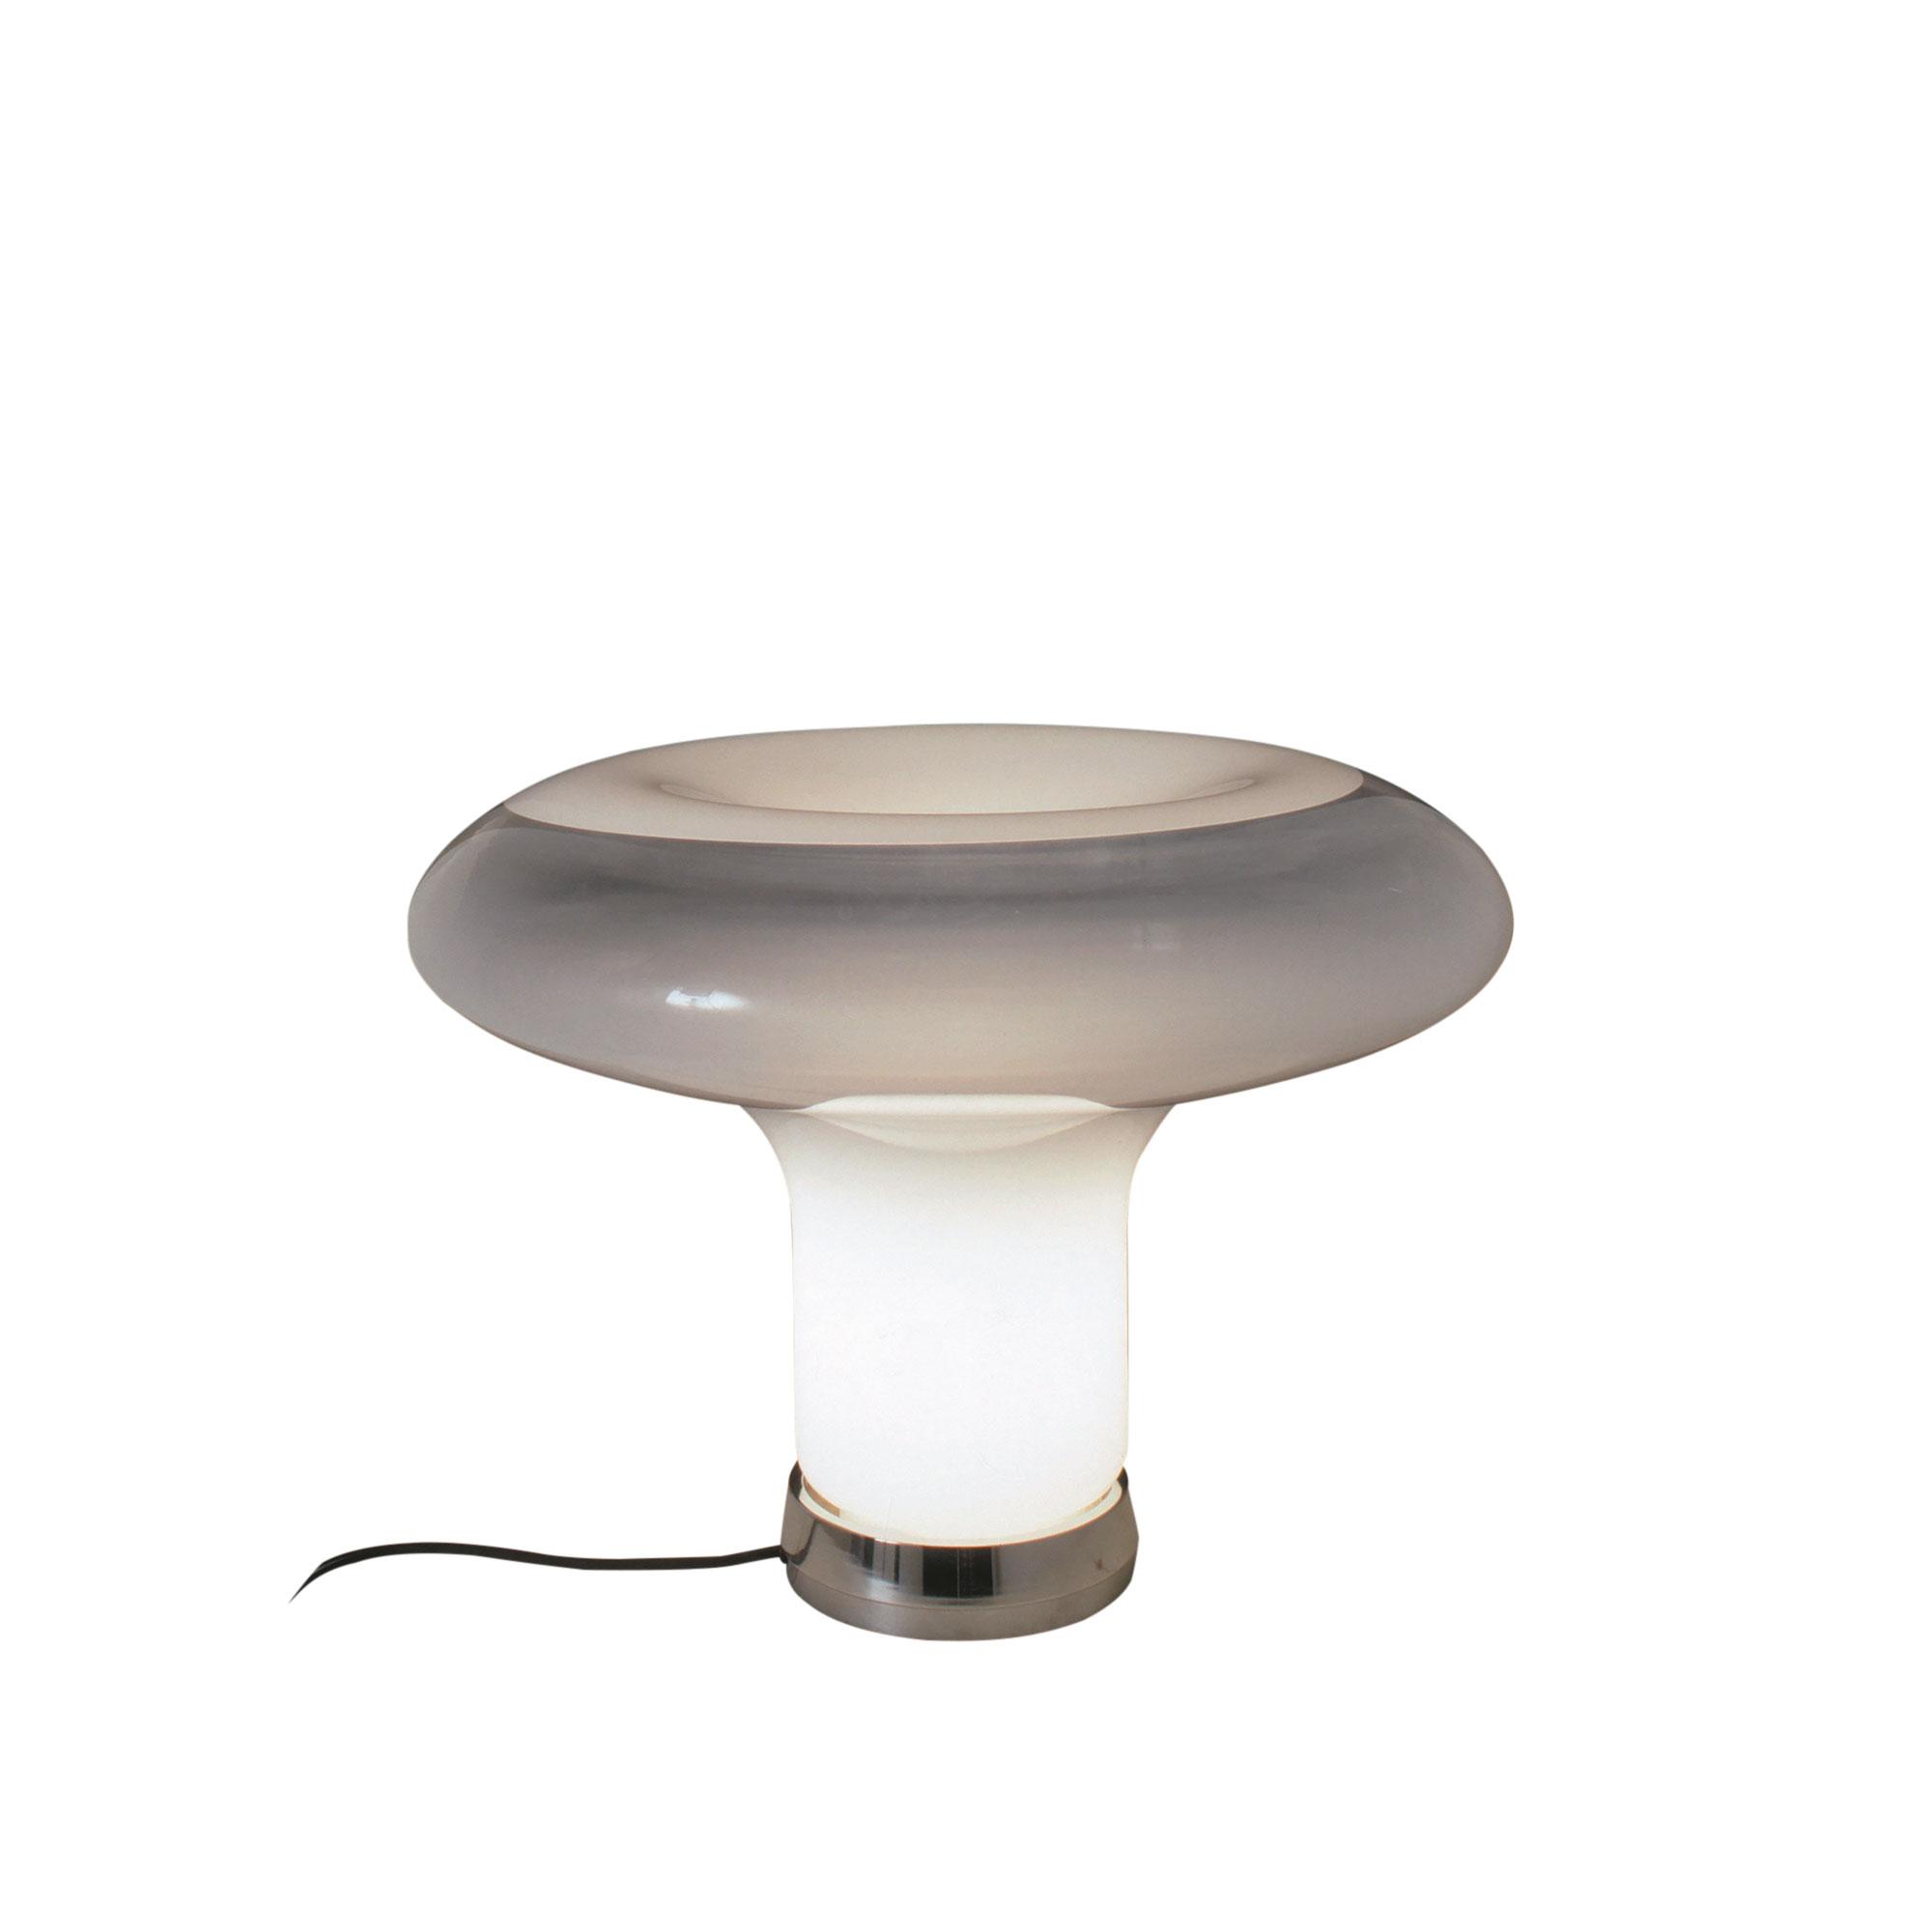 Köp Lesbo Bordslampa från Artemide | Nordiska Galleriet